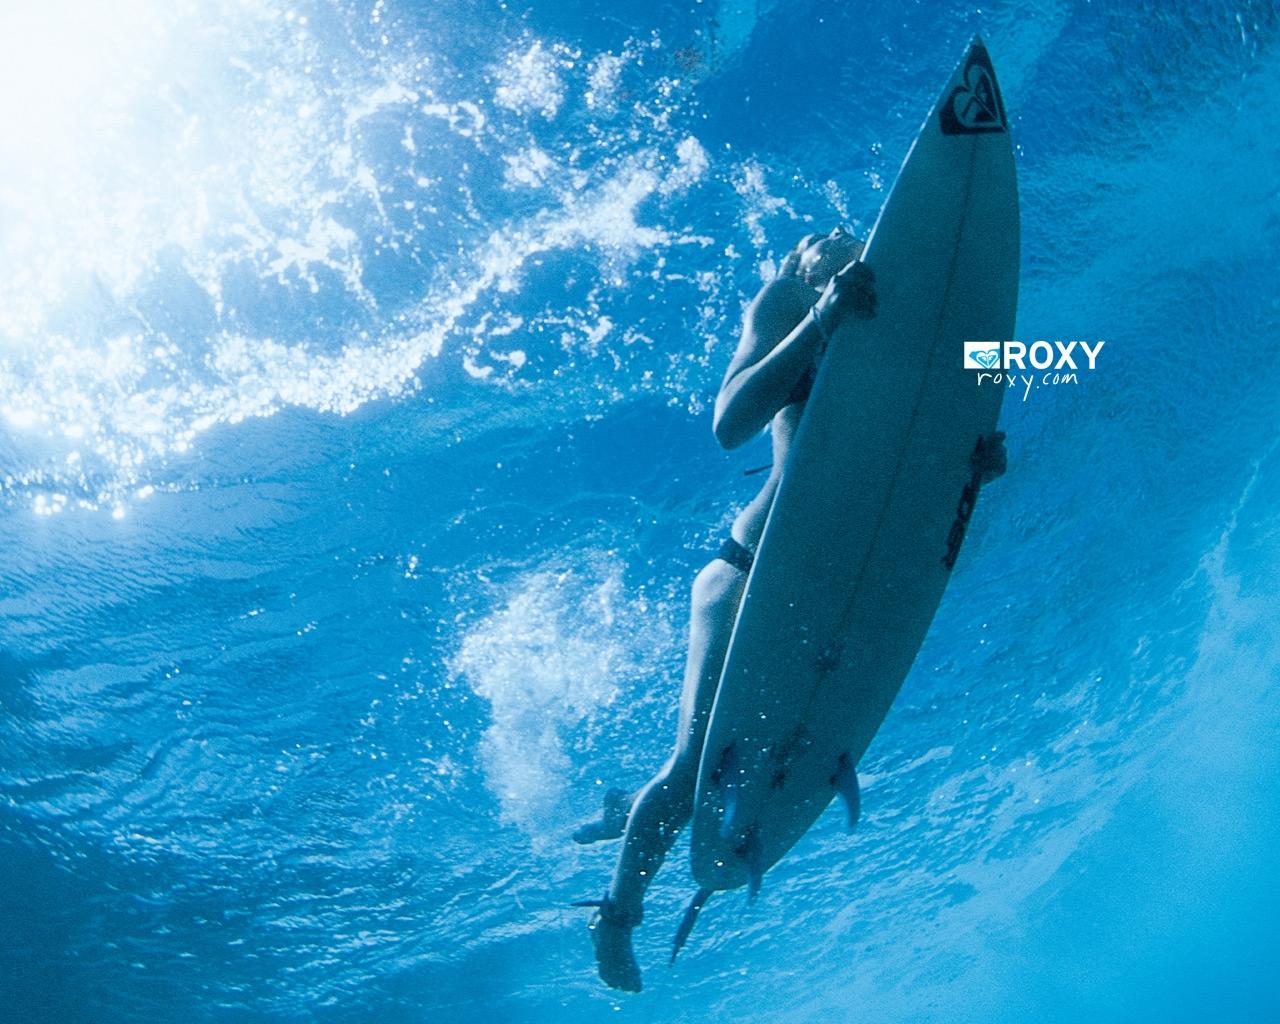 SEREM SEUS ANCESTRAIS OS INCAS OS VERDADEIROS CRIADORES DO SURF 1280x1024